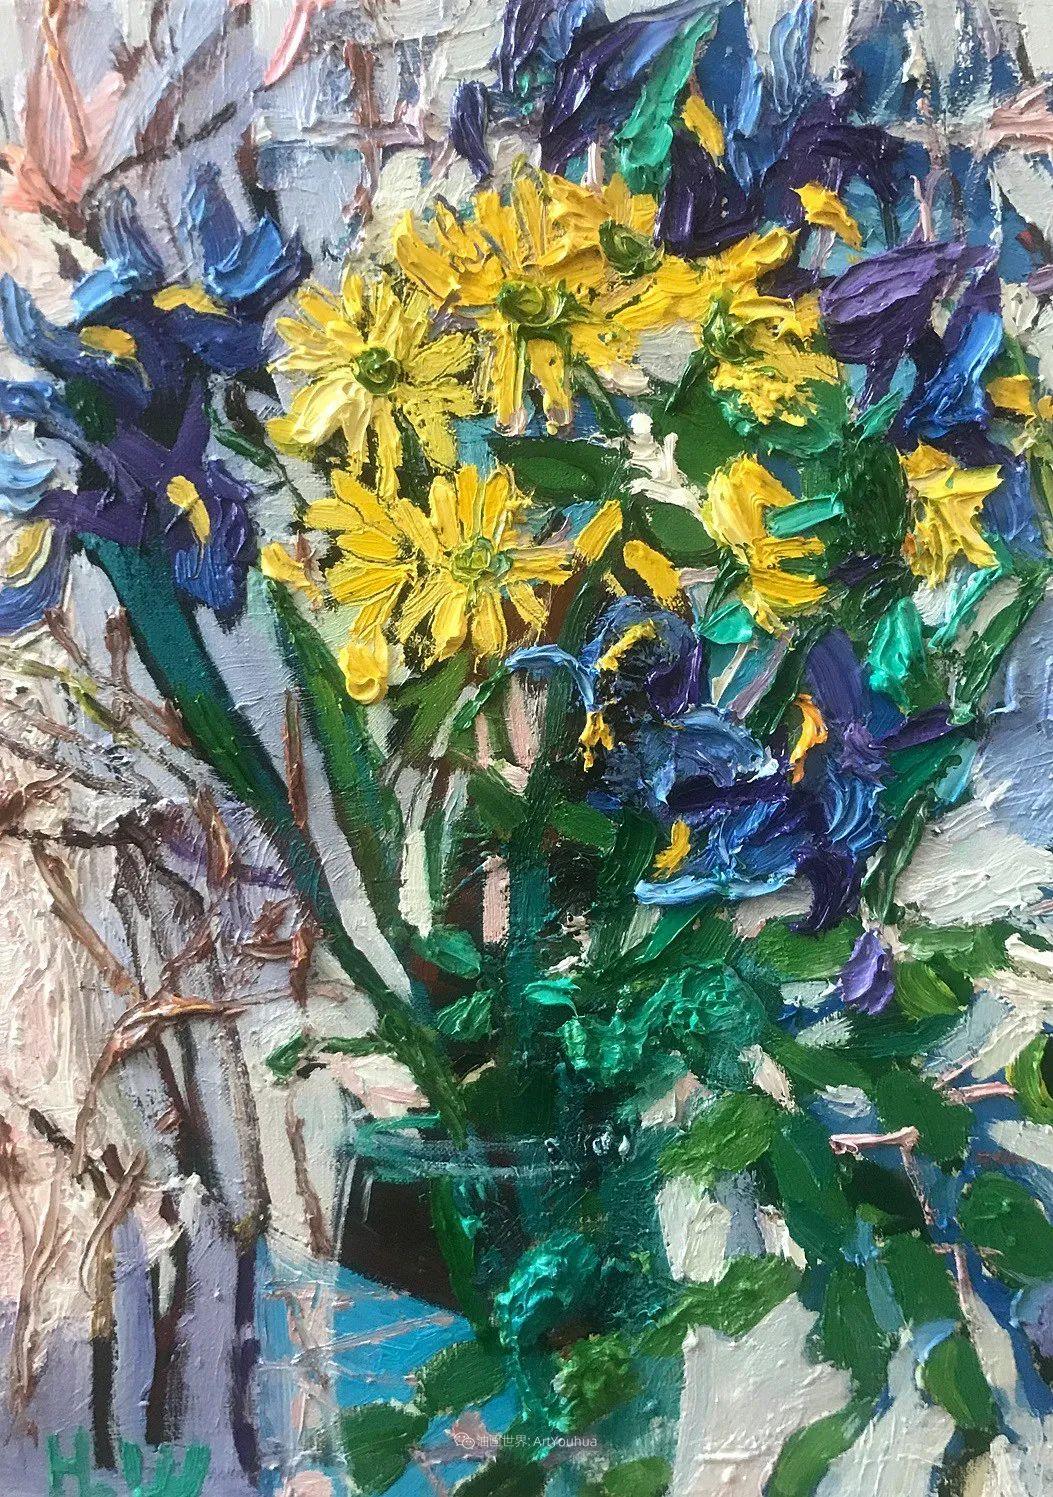 大笔触风景与花卉,色彩靓丽,美轮美奂!插图64